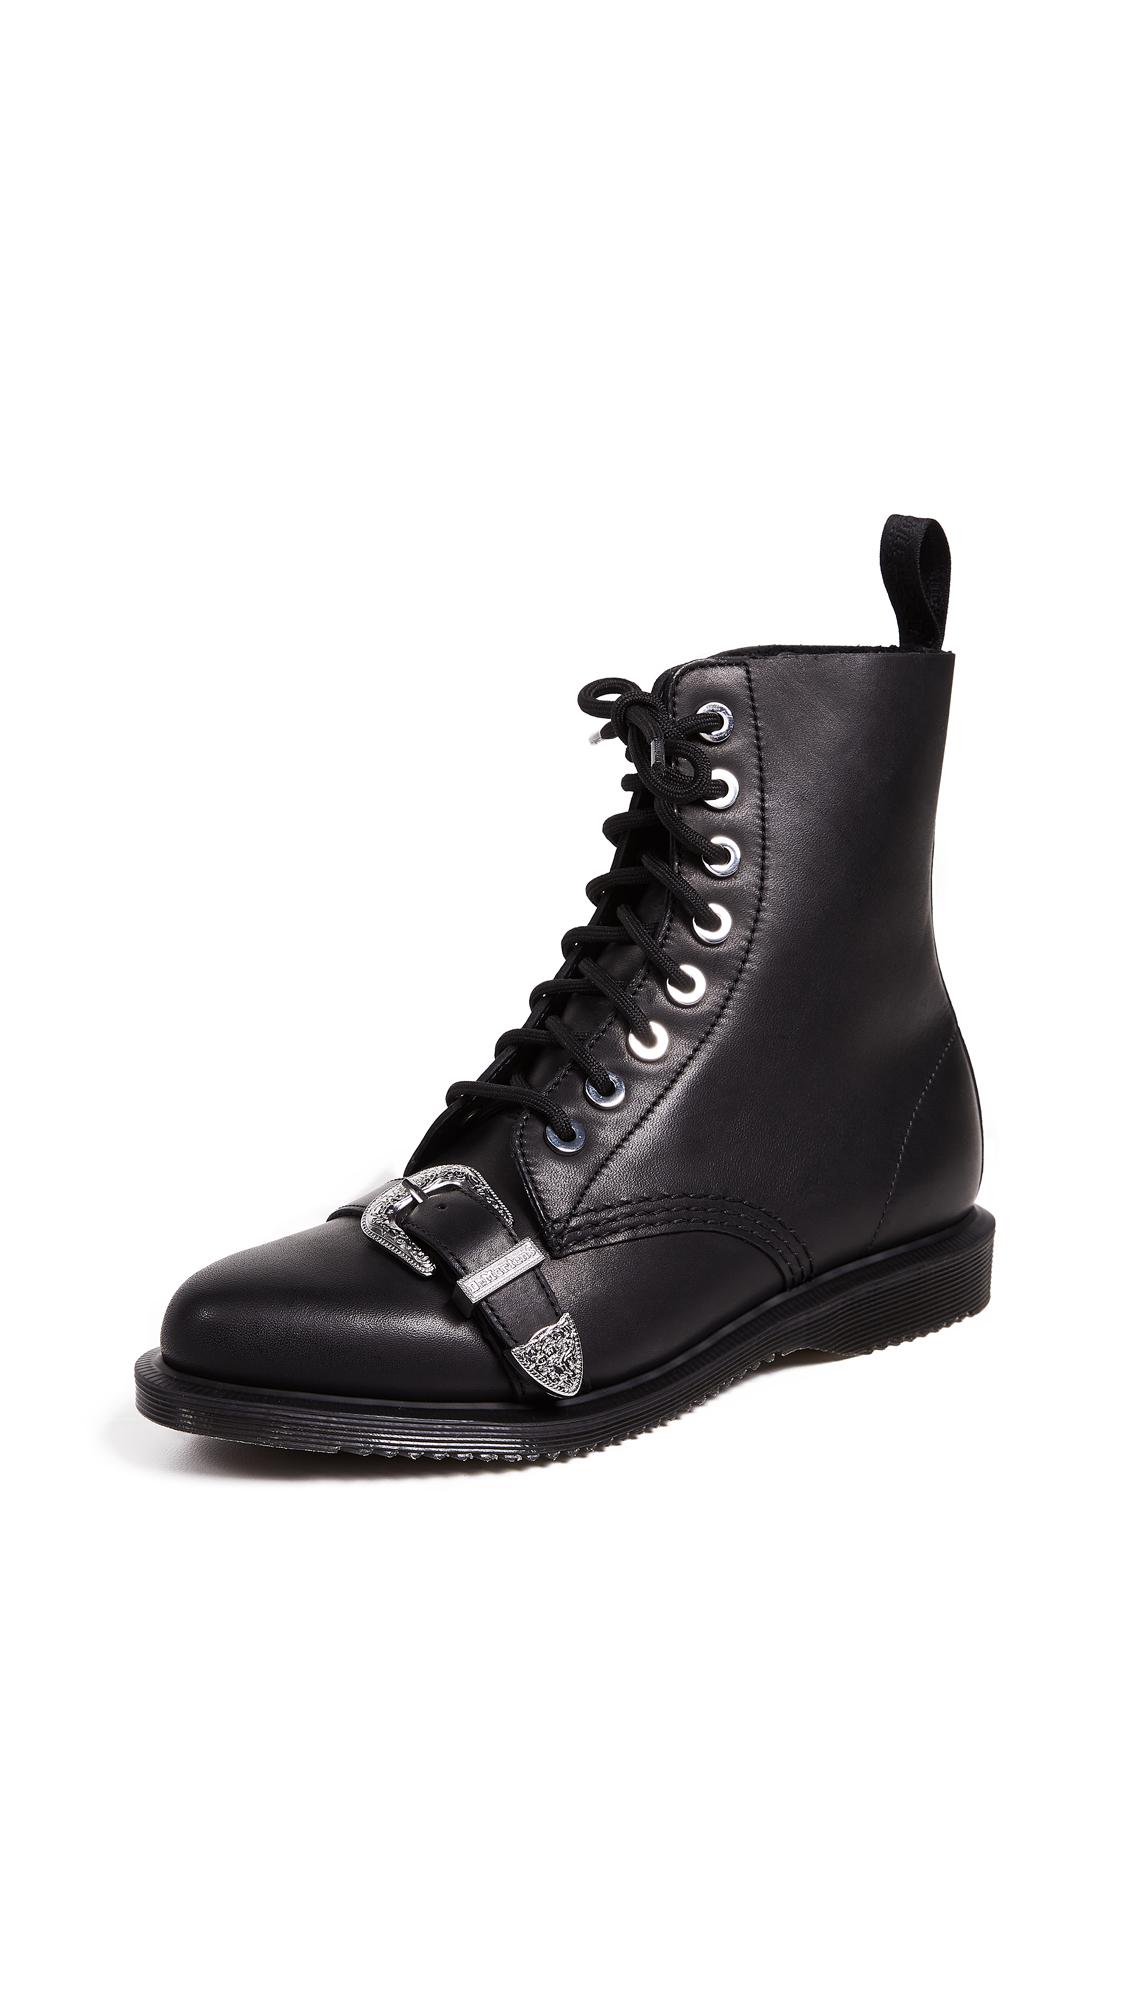 Dr. Martens Ulima 8 Eye Boots - Black